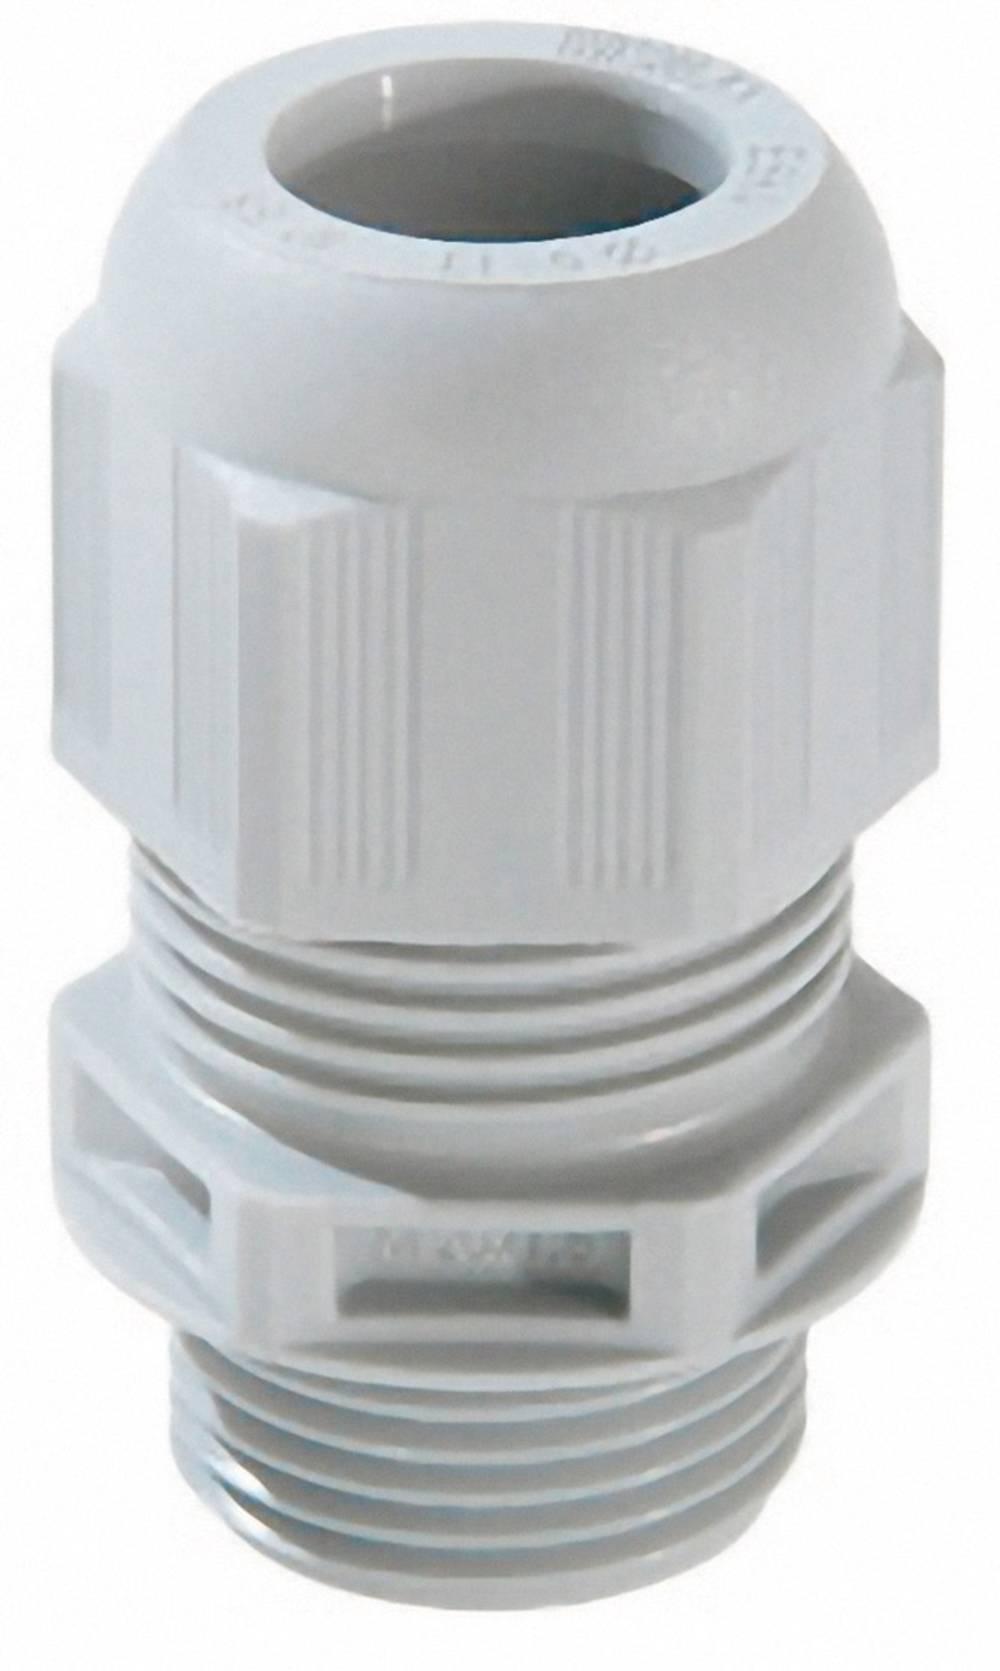 Kabelska uvodnica M25 poliamid, svetlo sive barve (RAL 7035) Wiska ESKV-F- 25 50 kosov